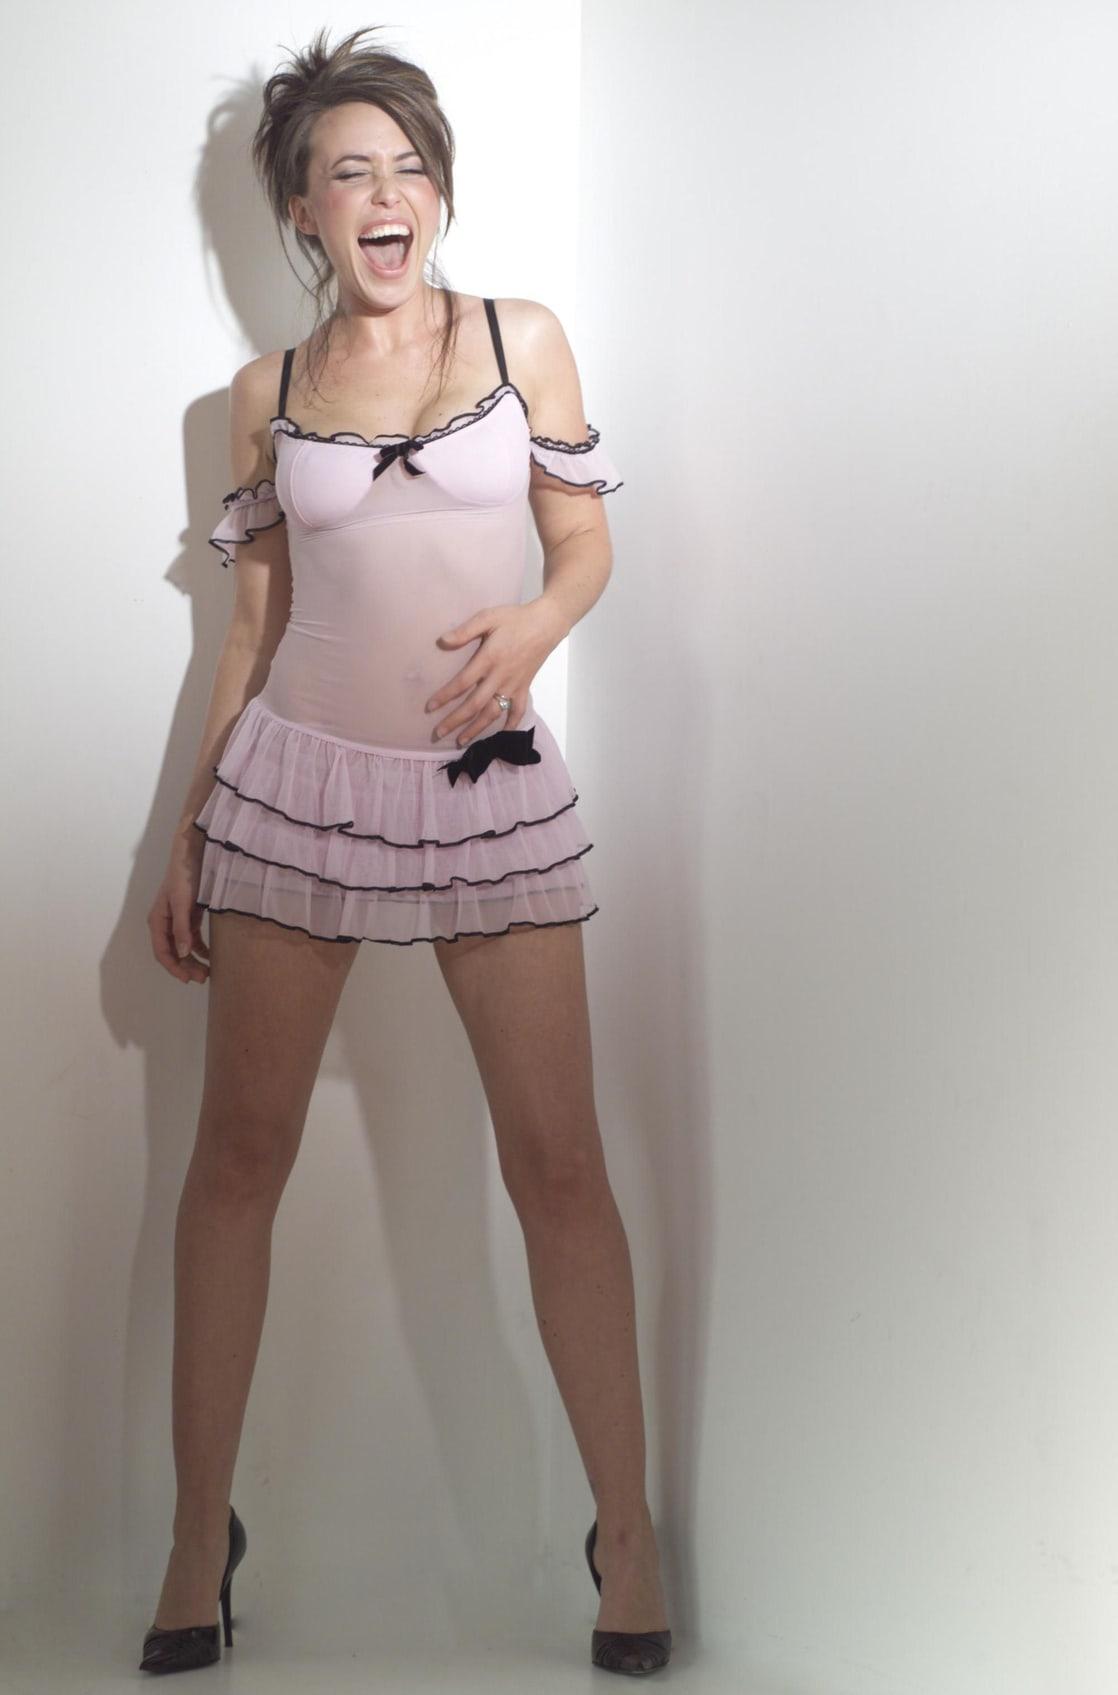 Kim Valentine Naked 9